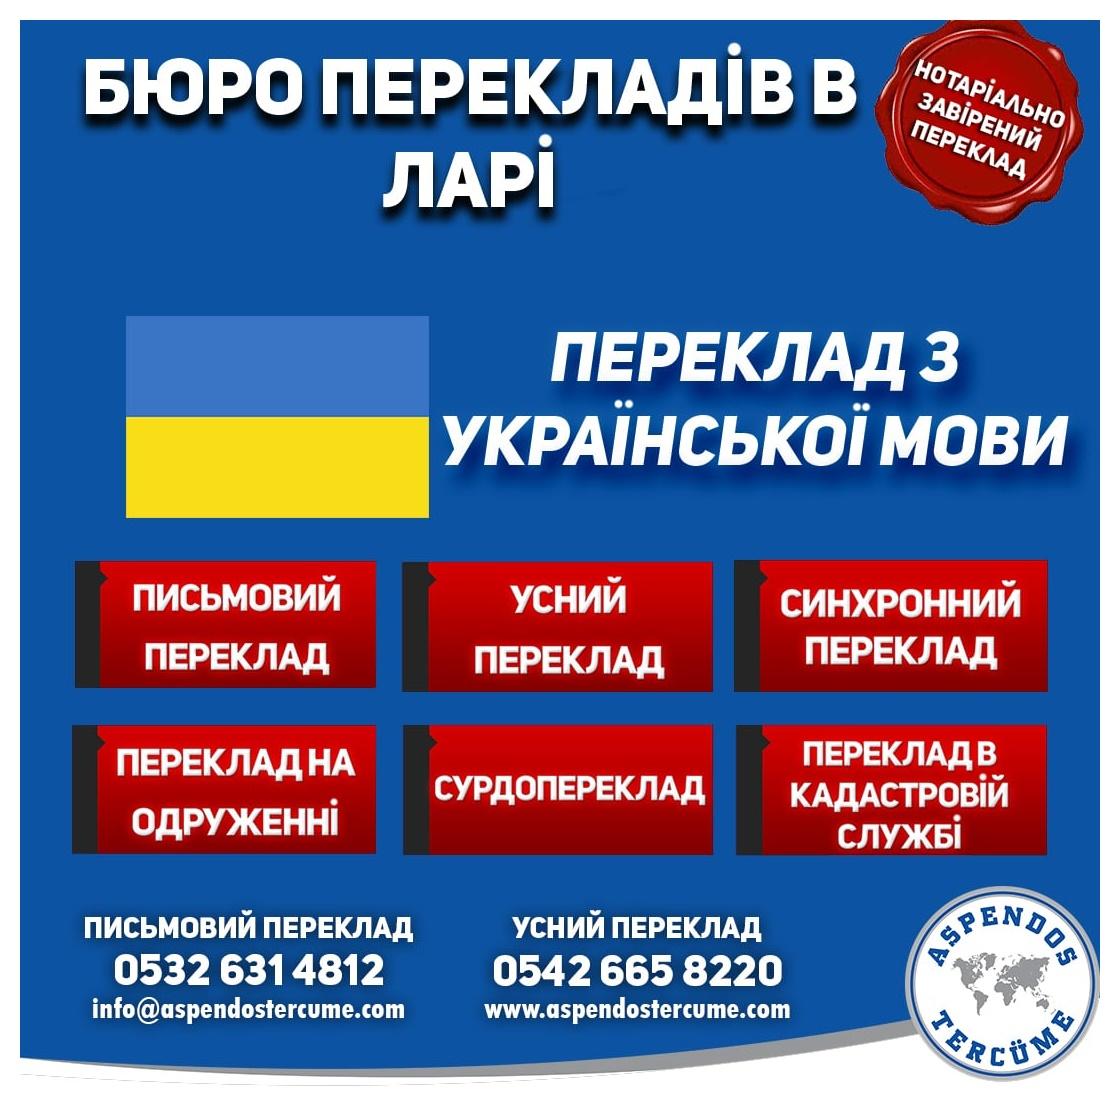 лара_бюро_перекладів_український_переклад